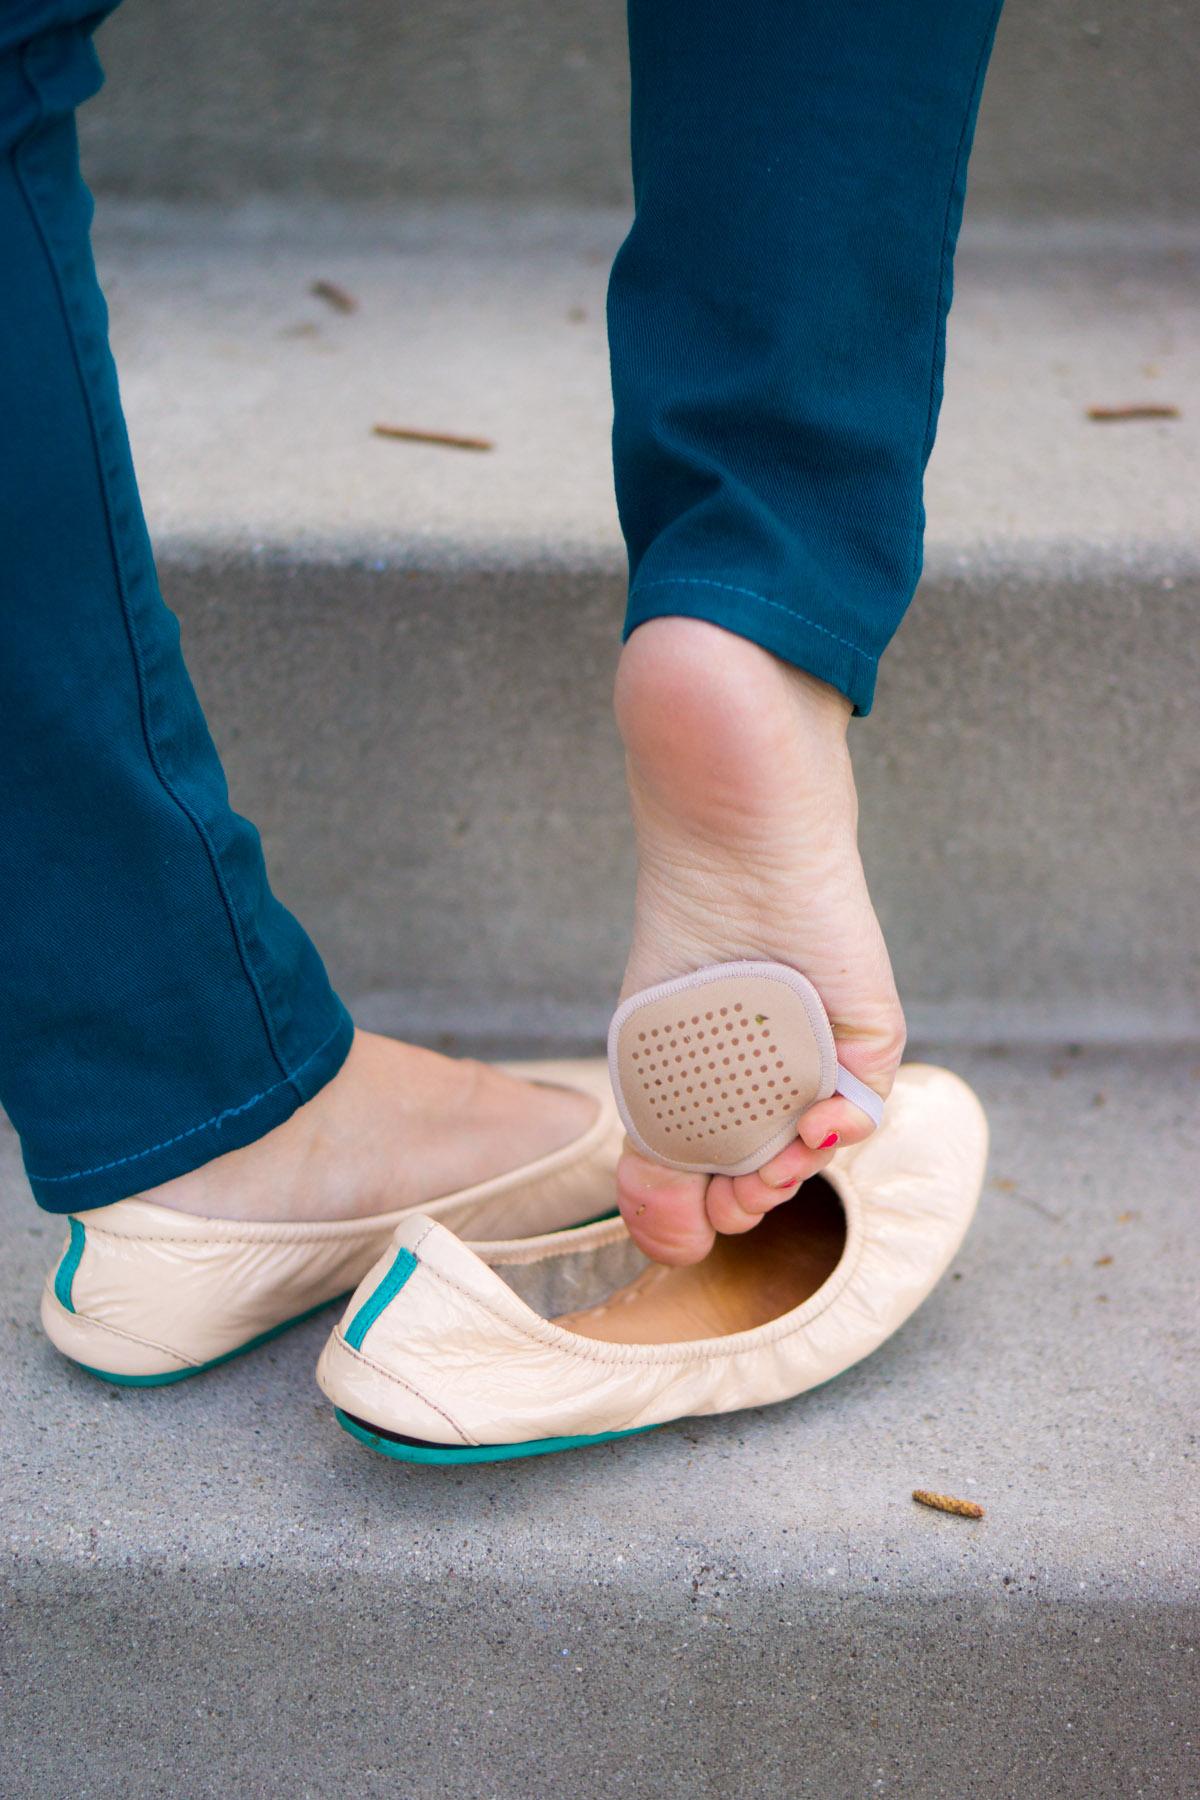 d66ded41af64 How to Wear Ballet Flats to Work | Sheec SockShion + Tieks Ballet Flats